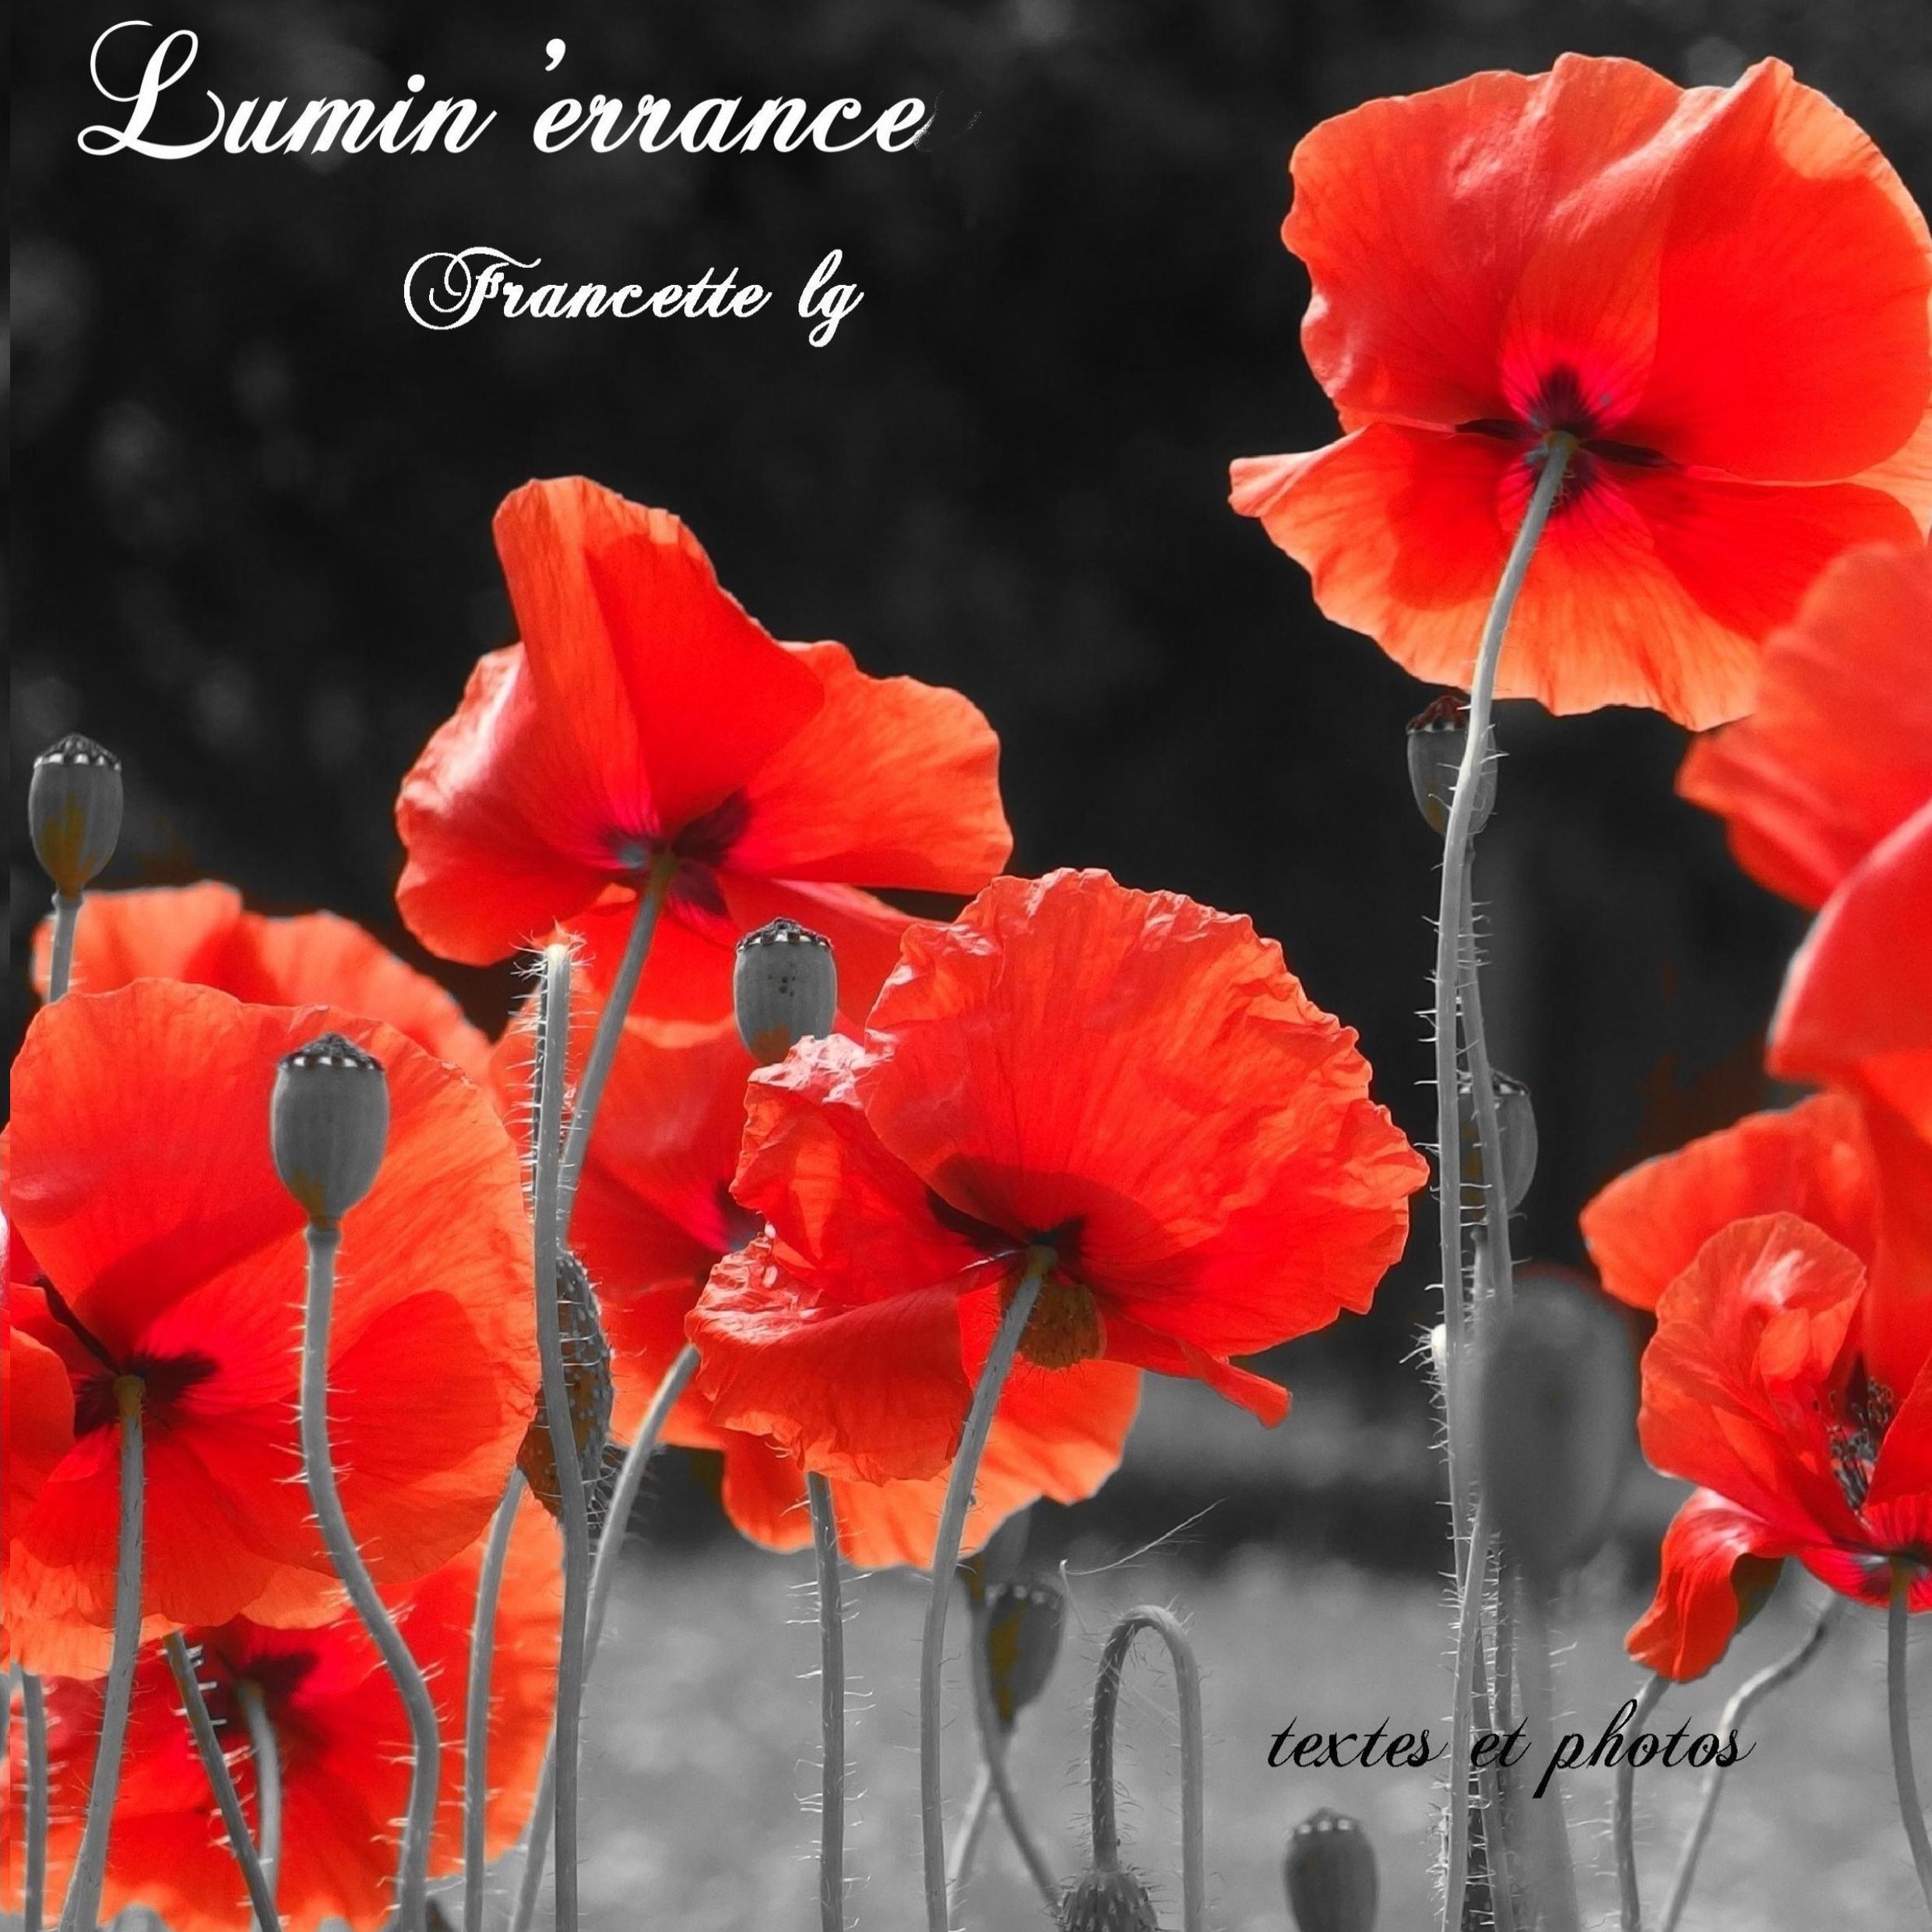 Lumin'errance